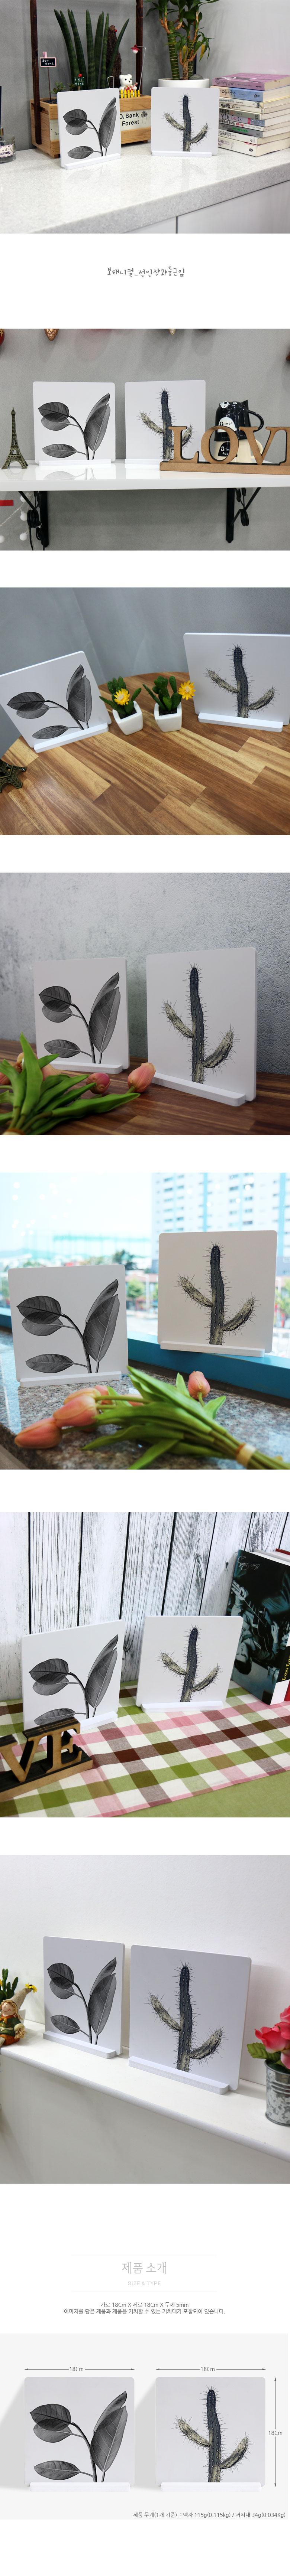 스탠드액자2P_보태니컬_선인장과둥근잎 - 꾸밈, 12,800원, 홈갤러리, 사진아트